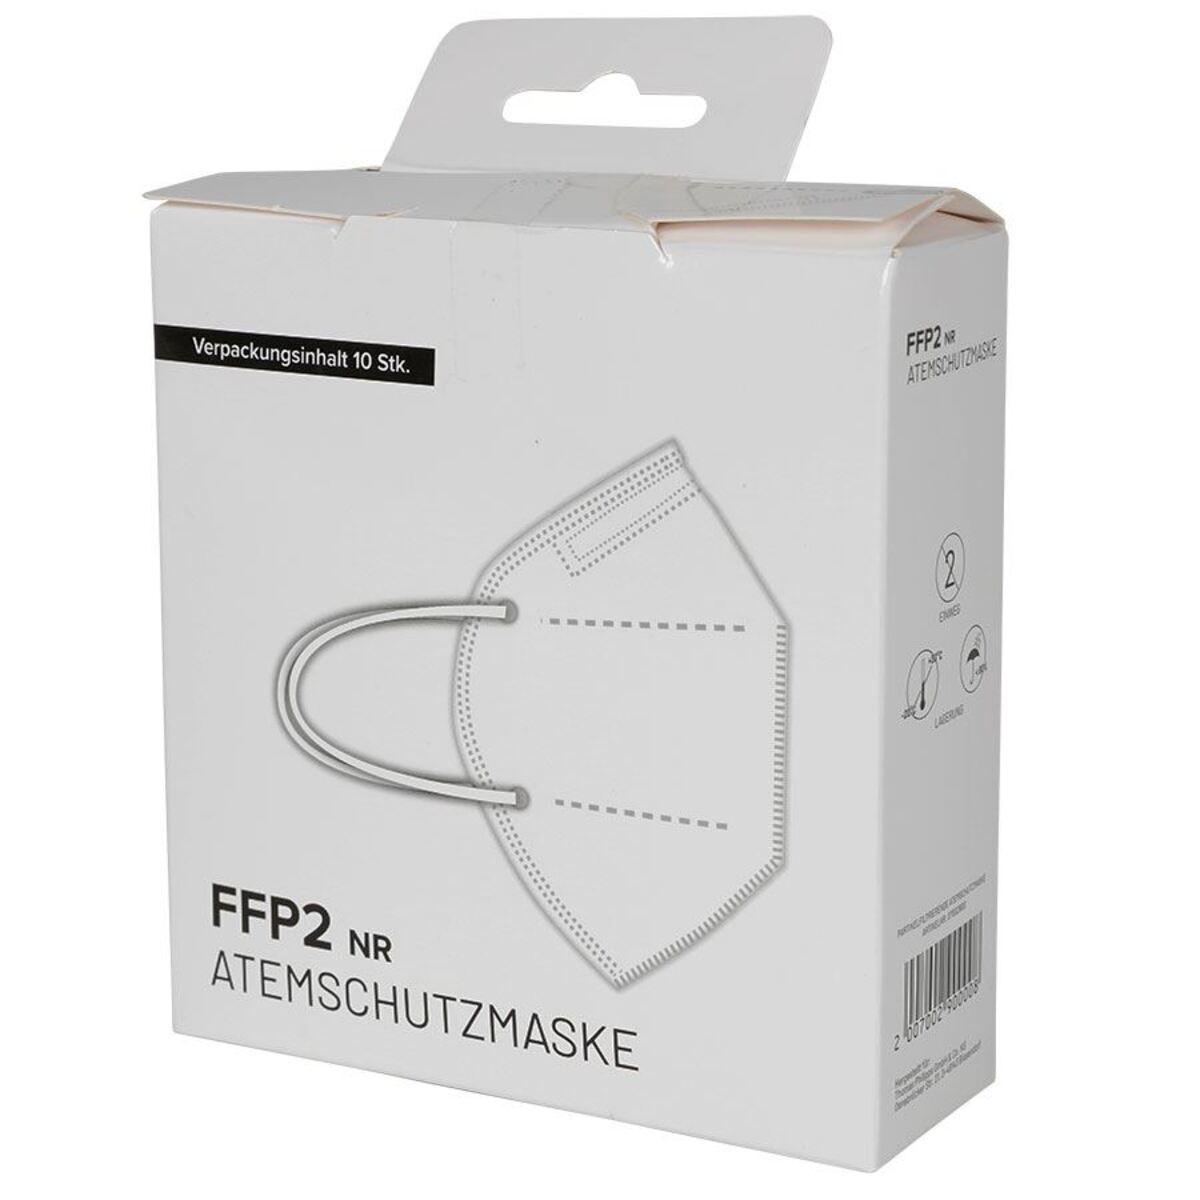 Bild 3 von Einweg Atemschutzmaske FFP2 10 Stück